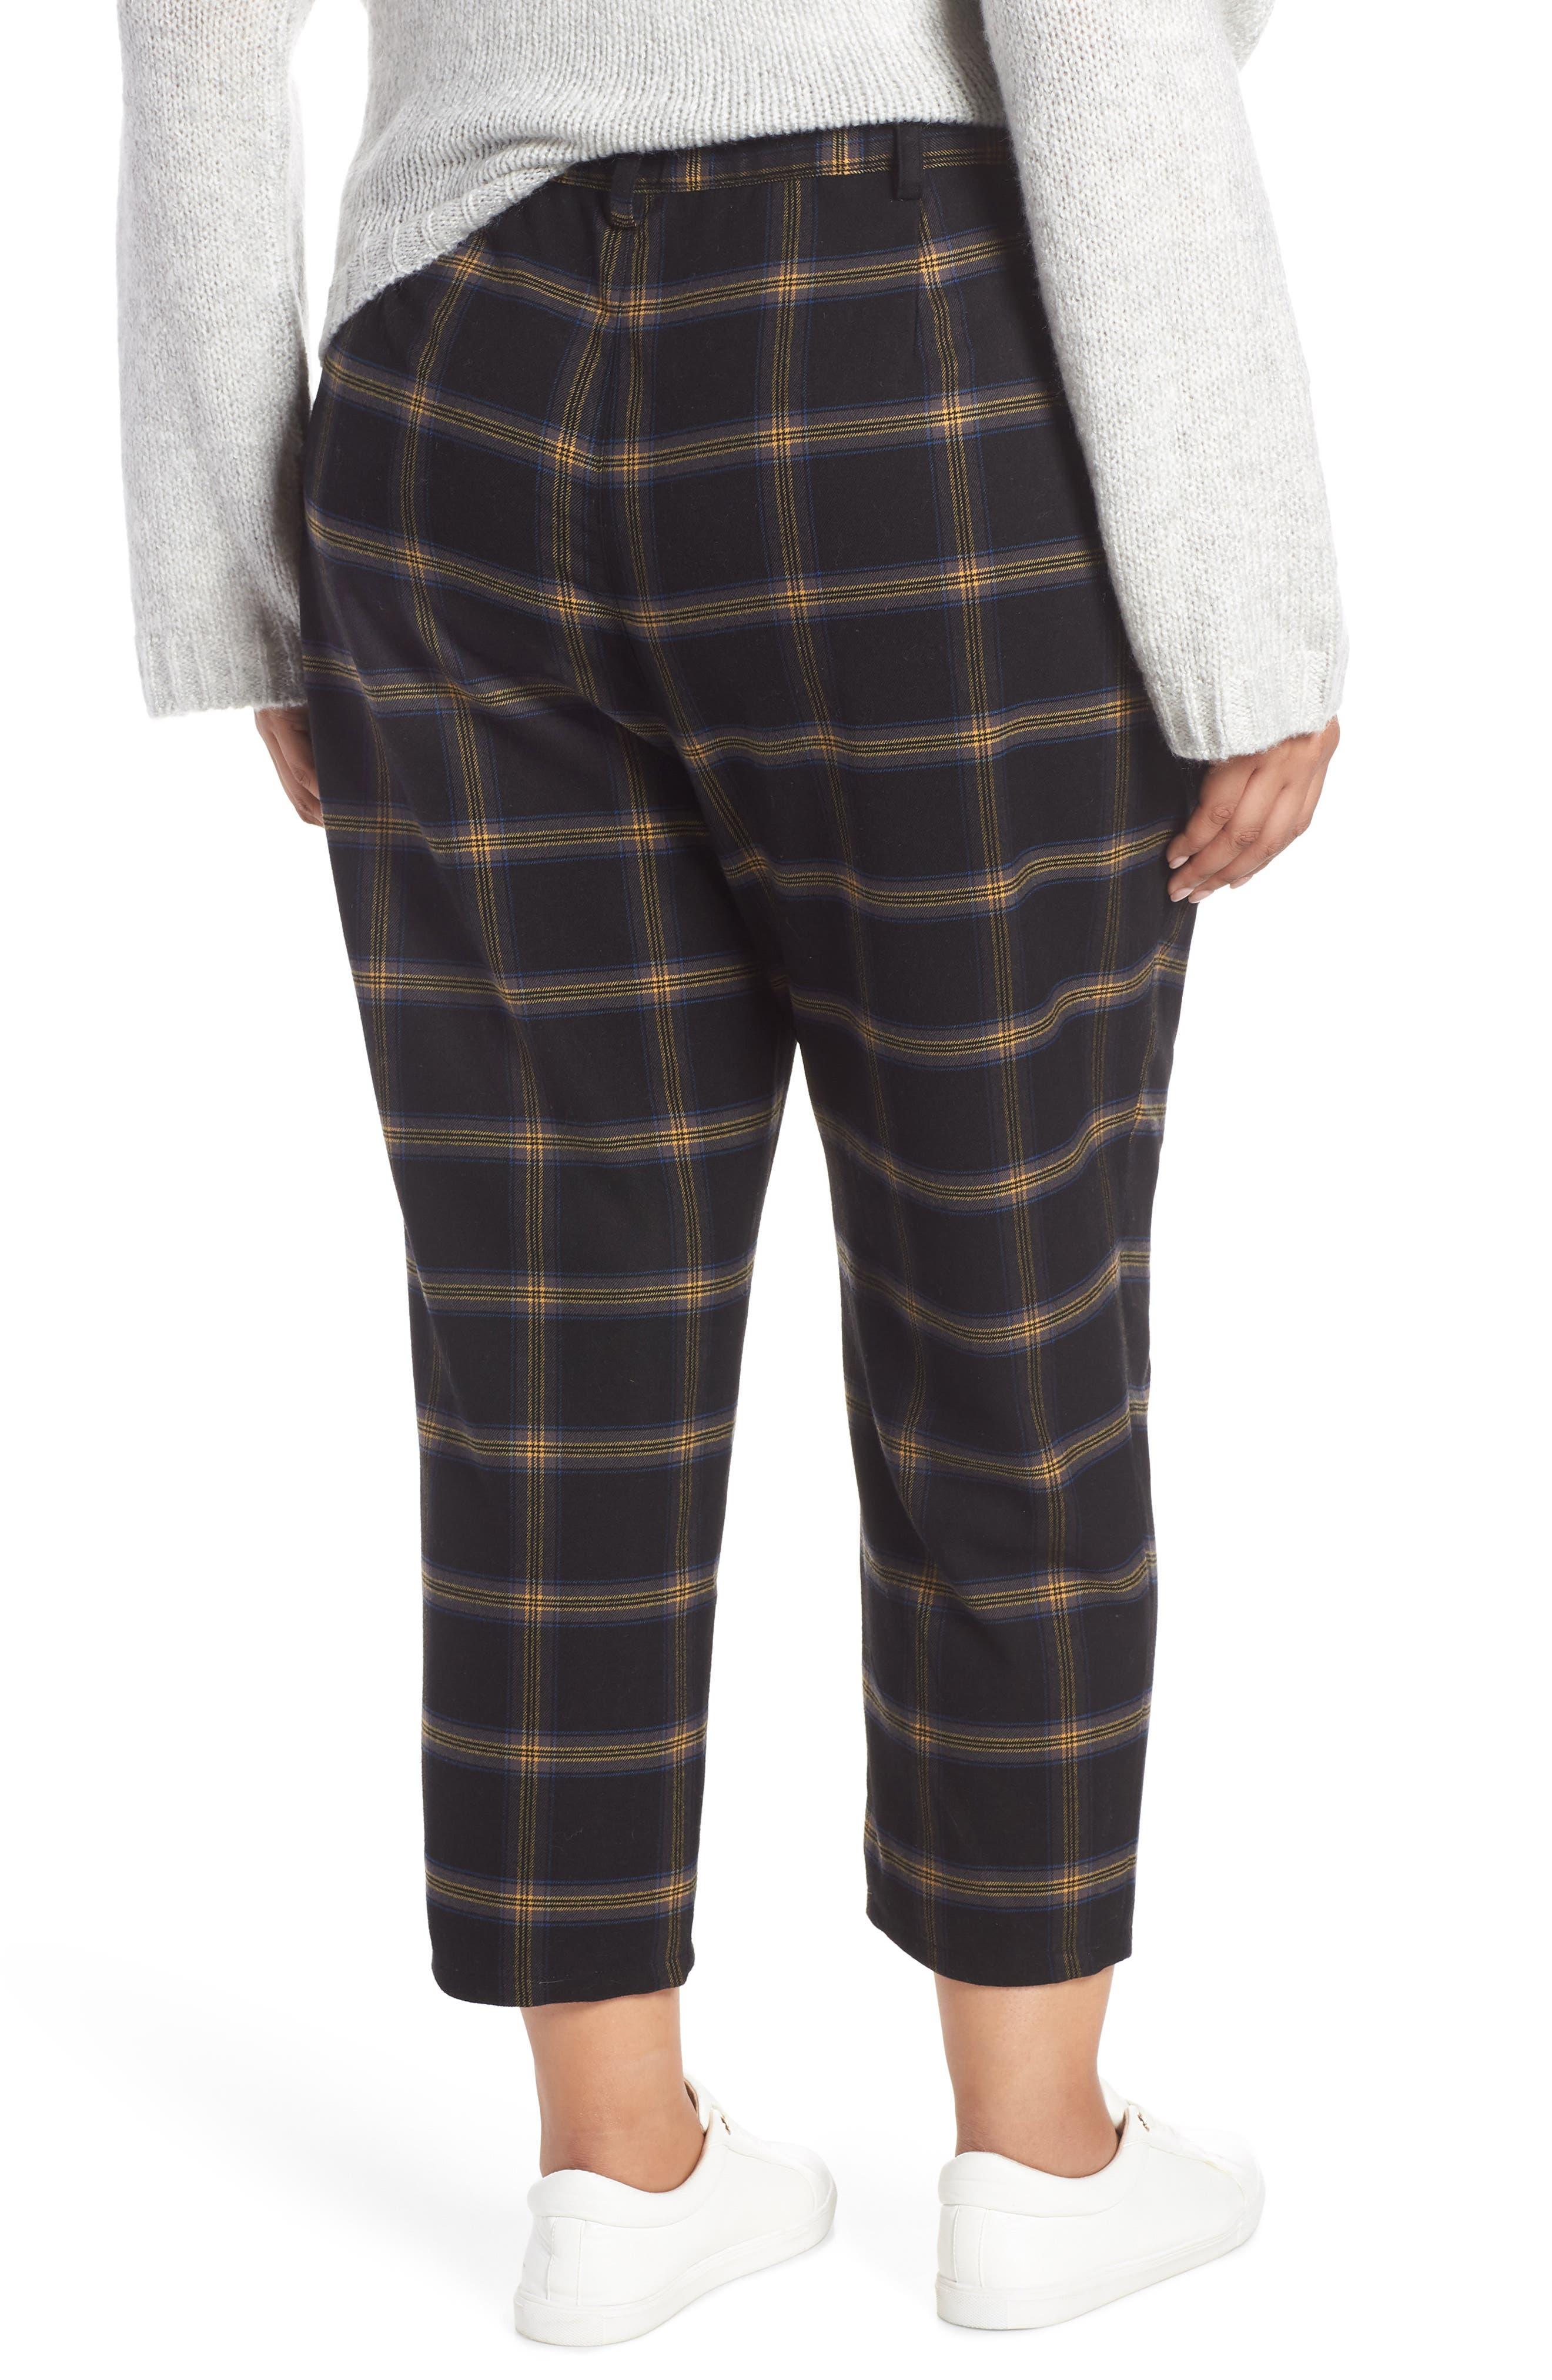 Plaid Menswear Crop Pants,                             Alternate thumbnail 2, color,                             BLACK SHANNON PLAID